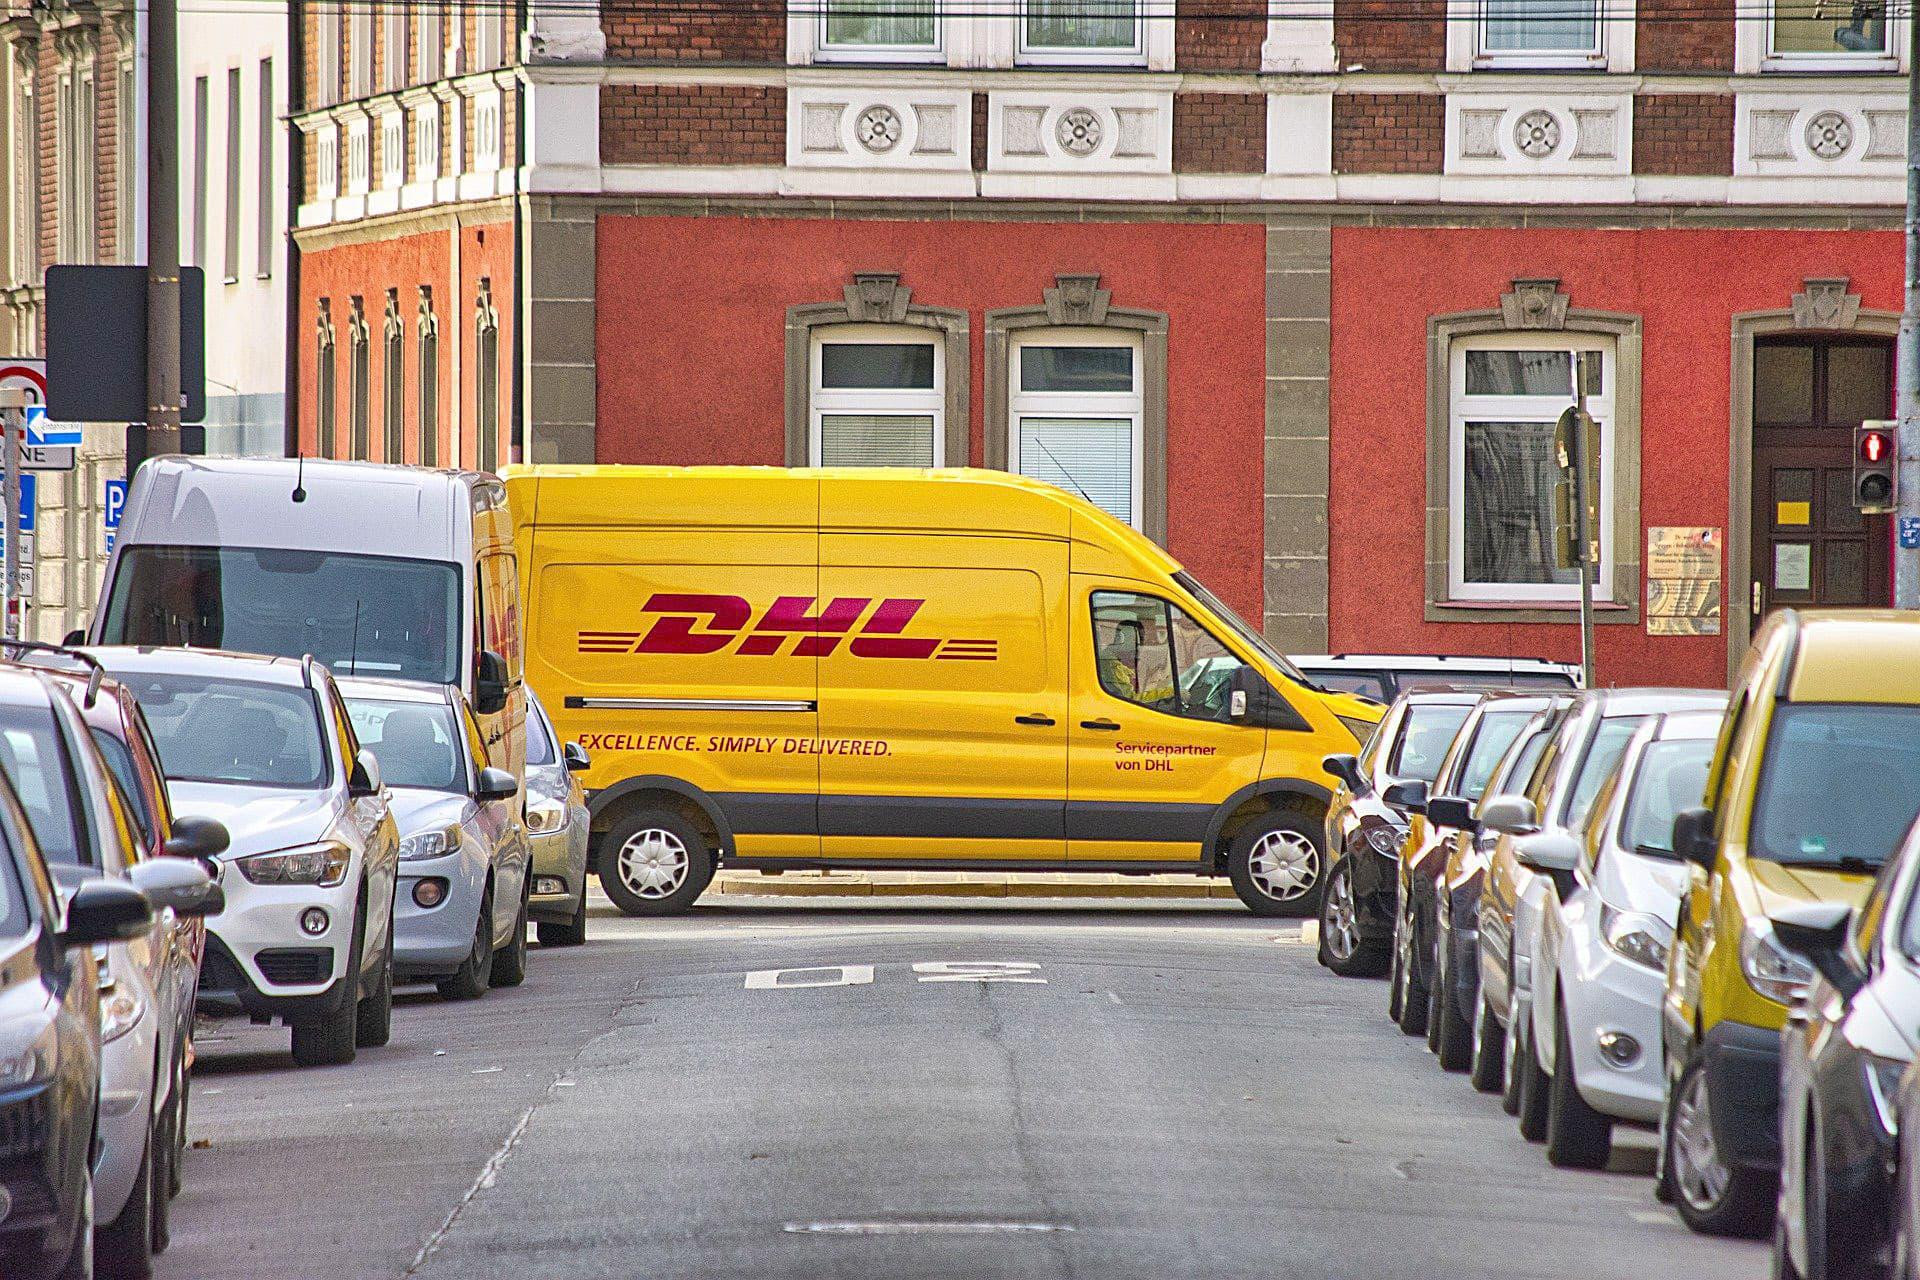 Stadtentwicklung: Neue Lösungen für den Lieferverkehr